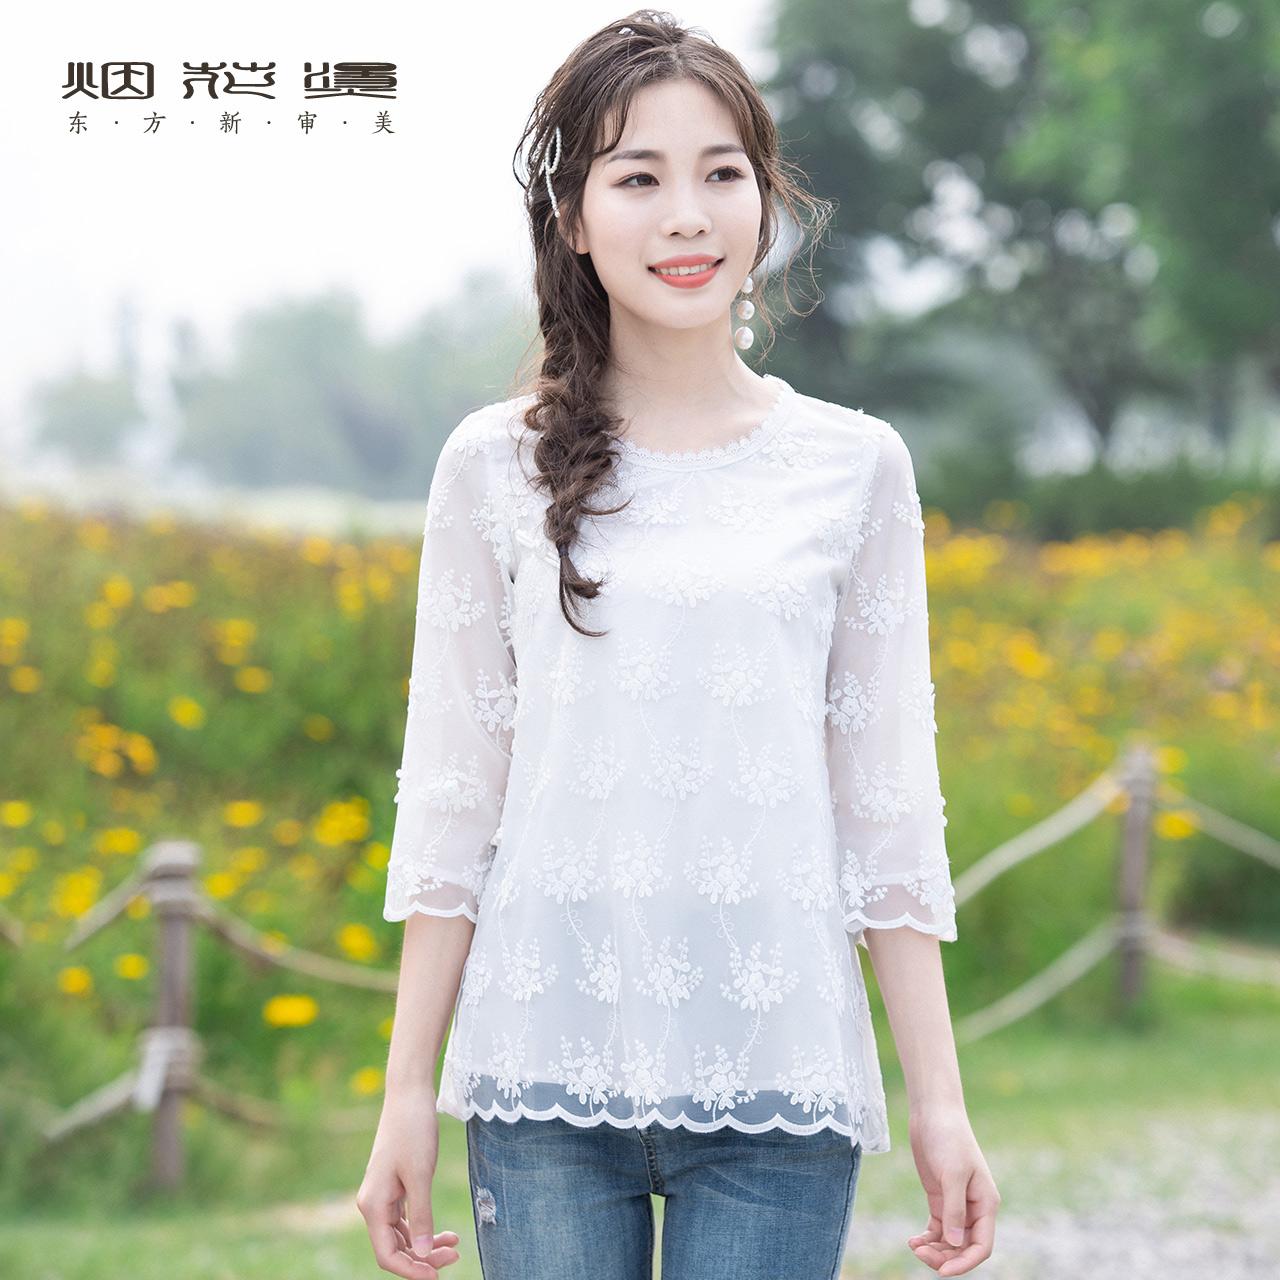 烟花烫白色蕾丝衫女2021年新款t恤